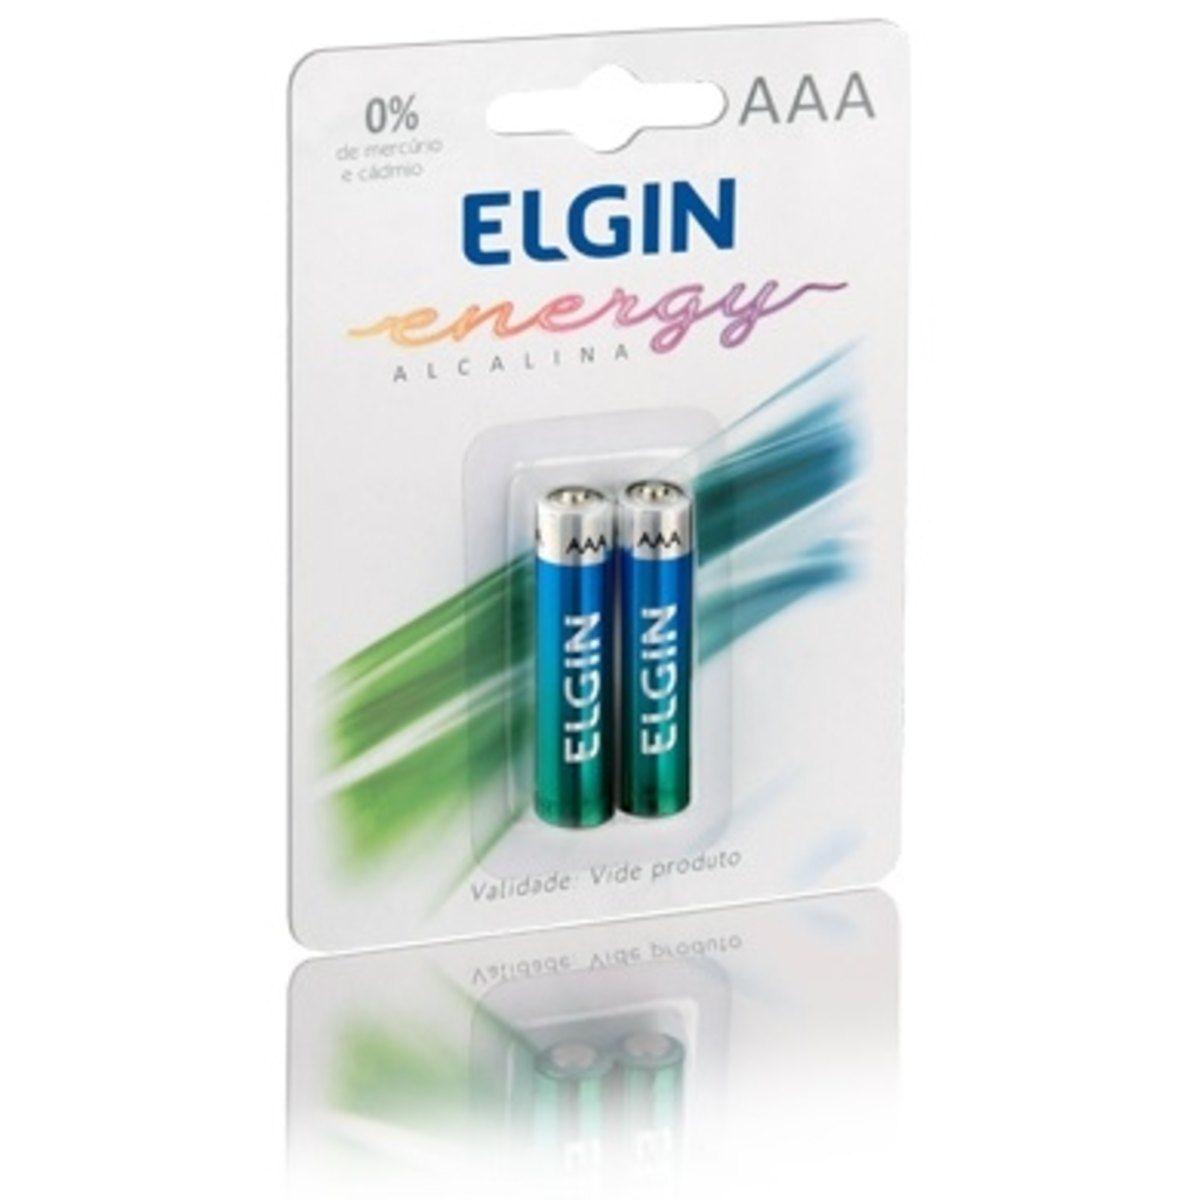 Pilha Alc.AAA Elgin c/ 2 unid - Kit  c/10 cartelas c/2 unids